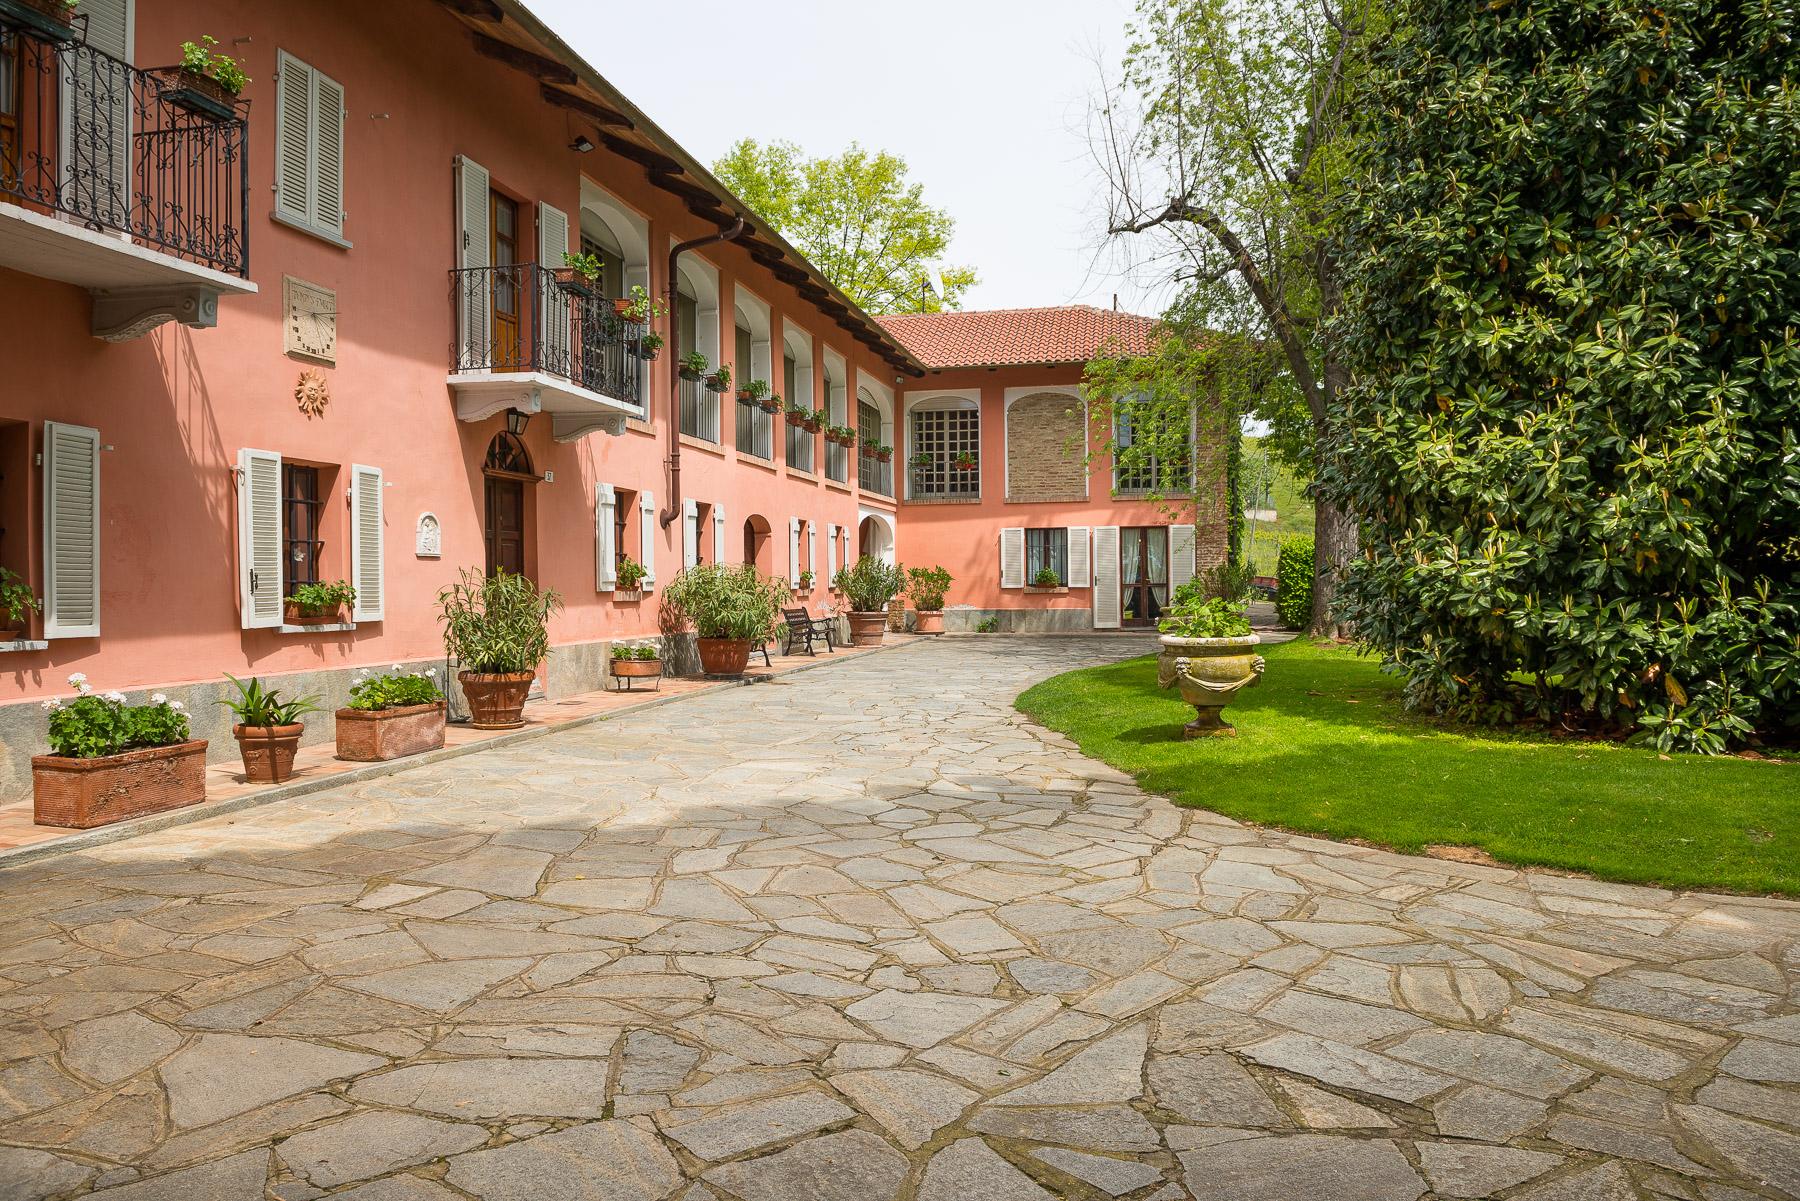 Rustico in Vendita a Castelnuovo Don Bosco: 5 locali, 720 mq - Foto 1